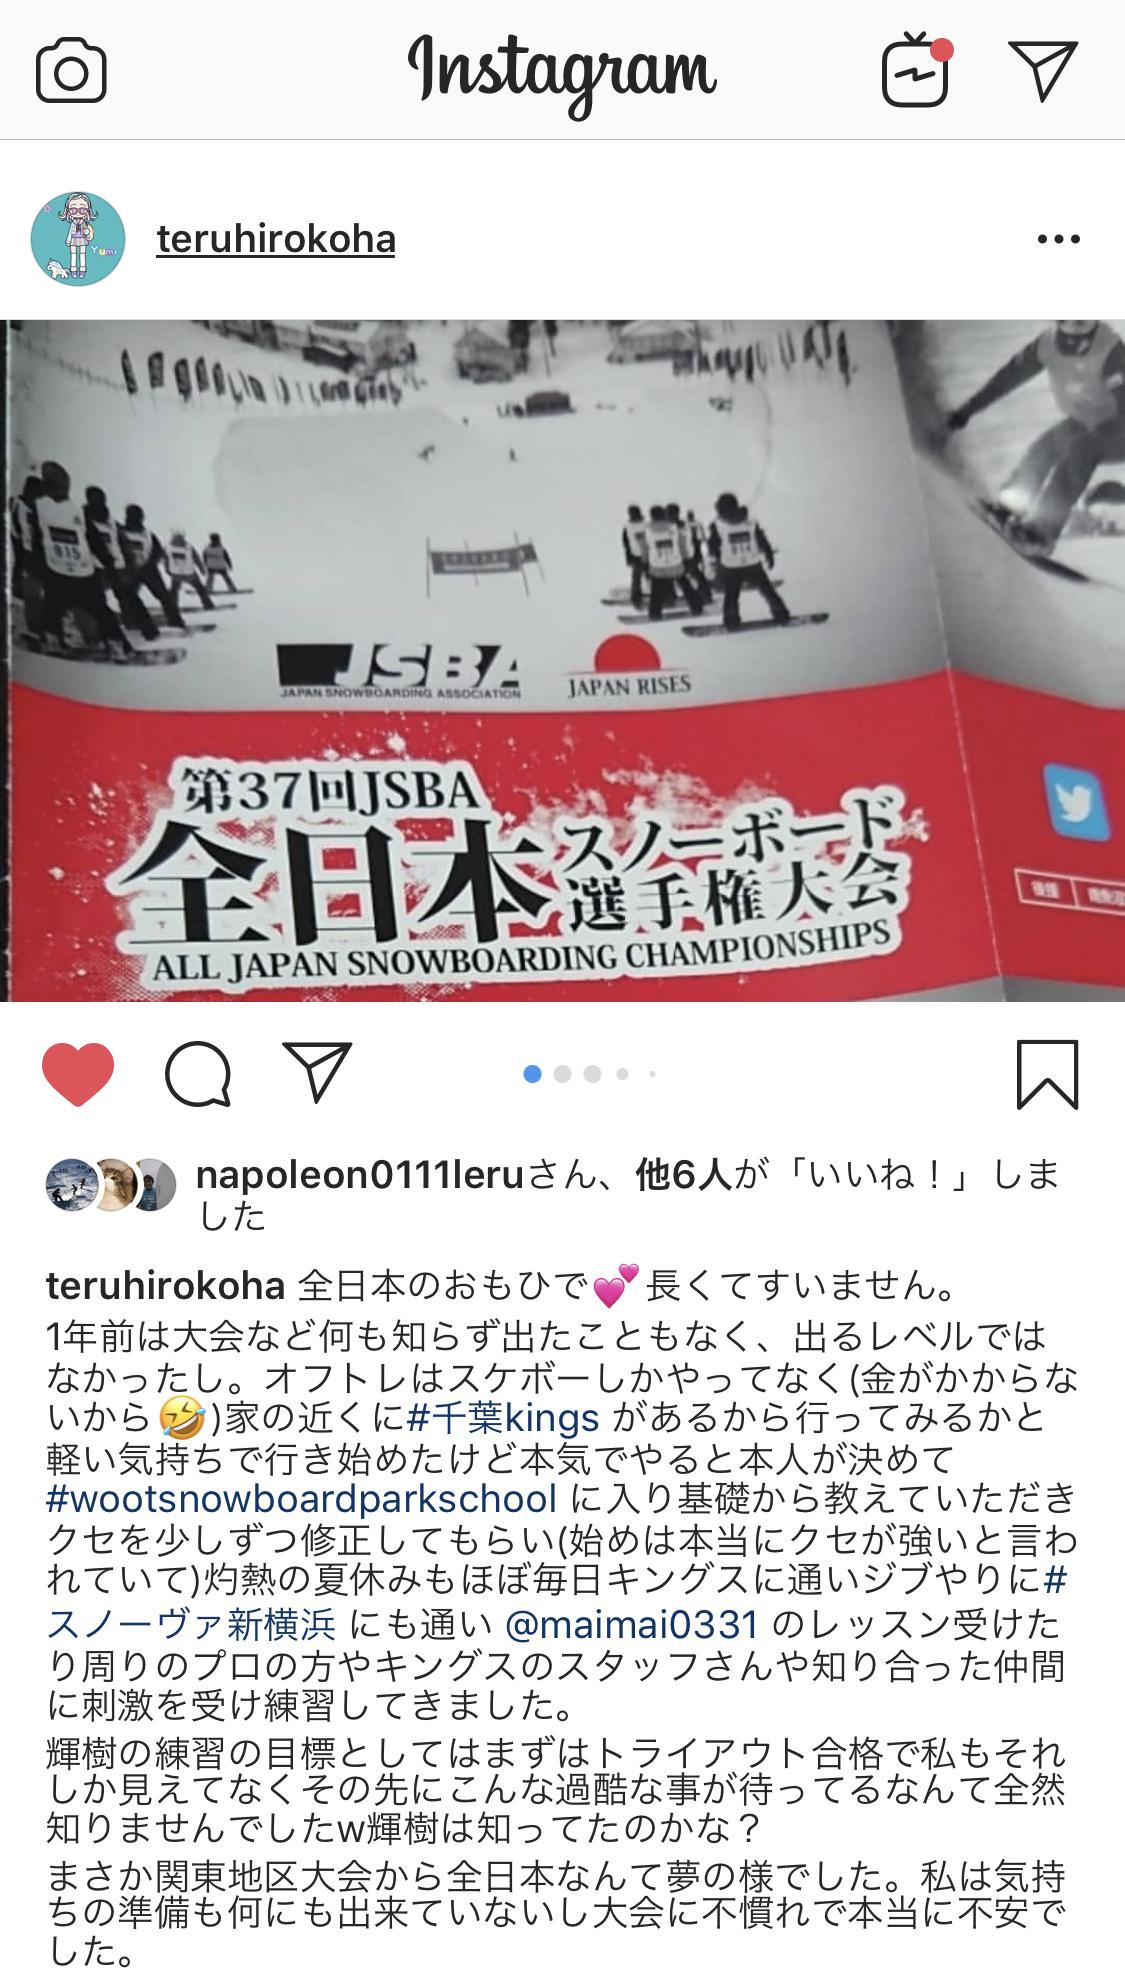 2019全日本スノーボード選手権 スロープスタイル部門初出場の生徒!